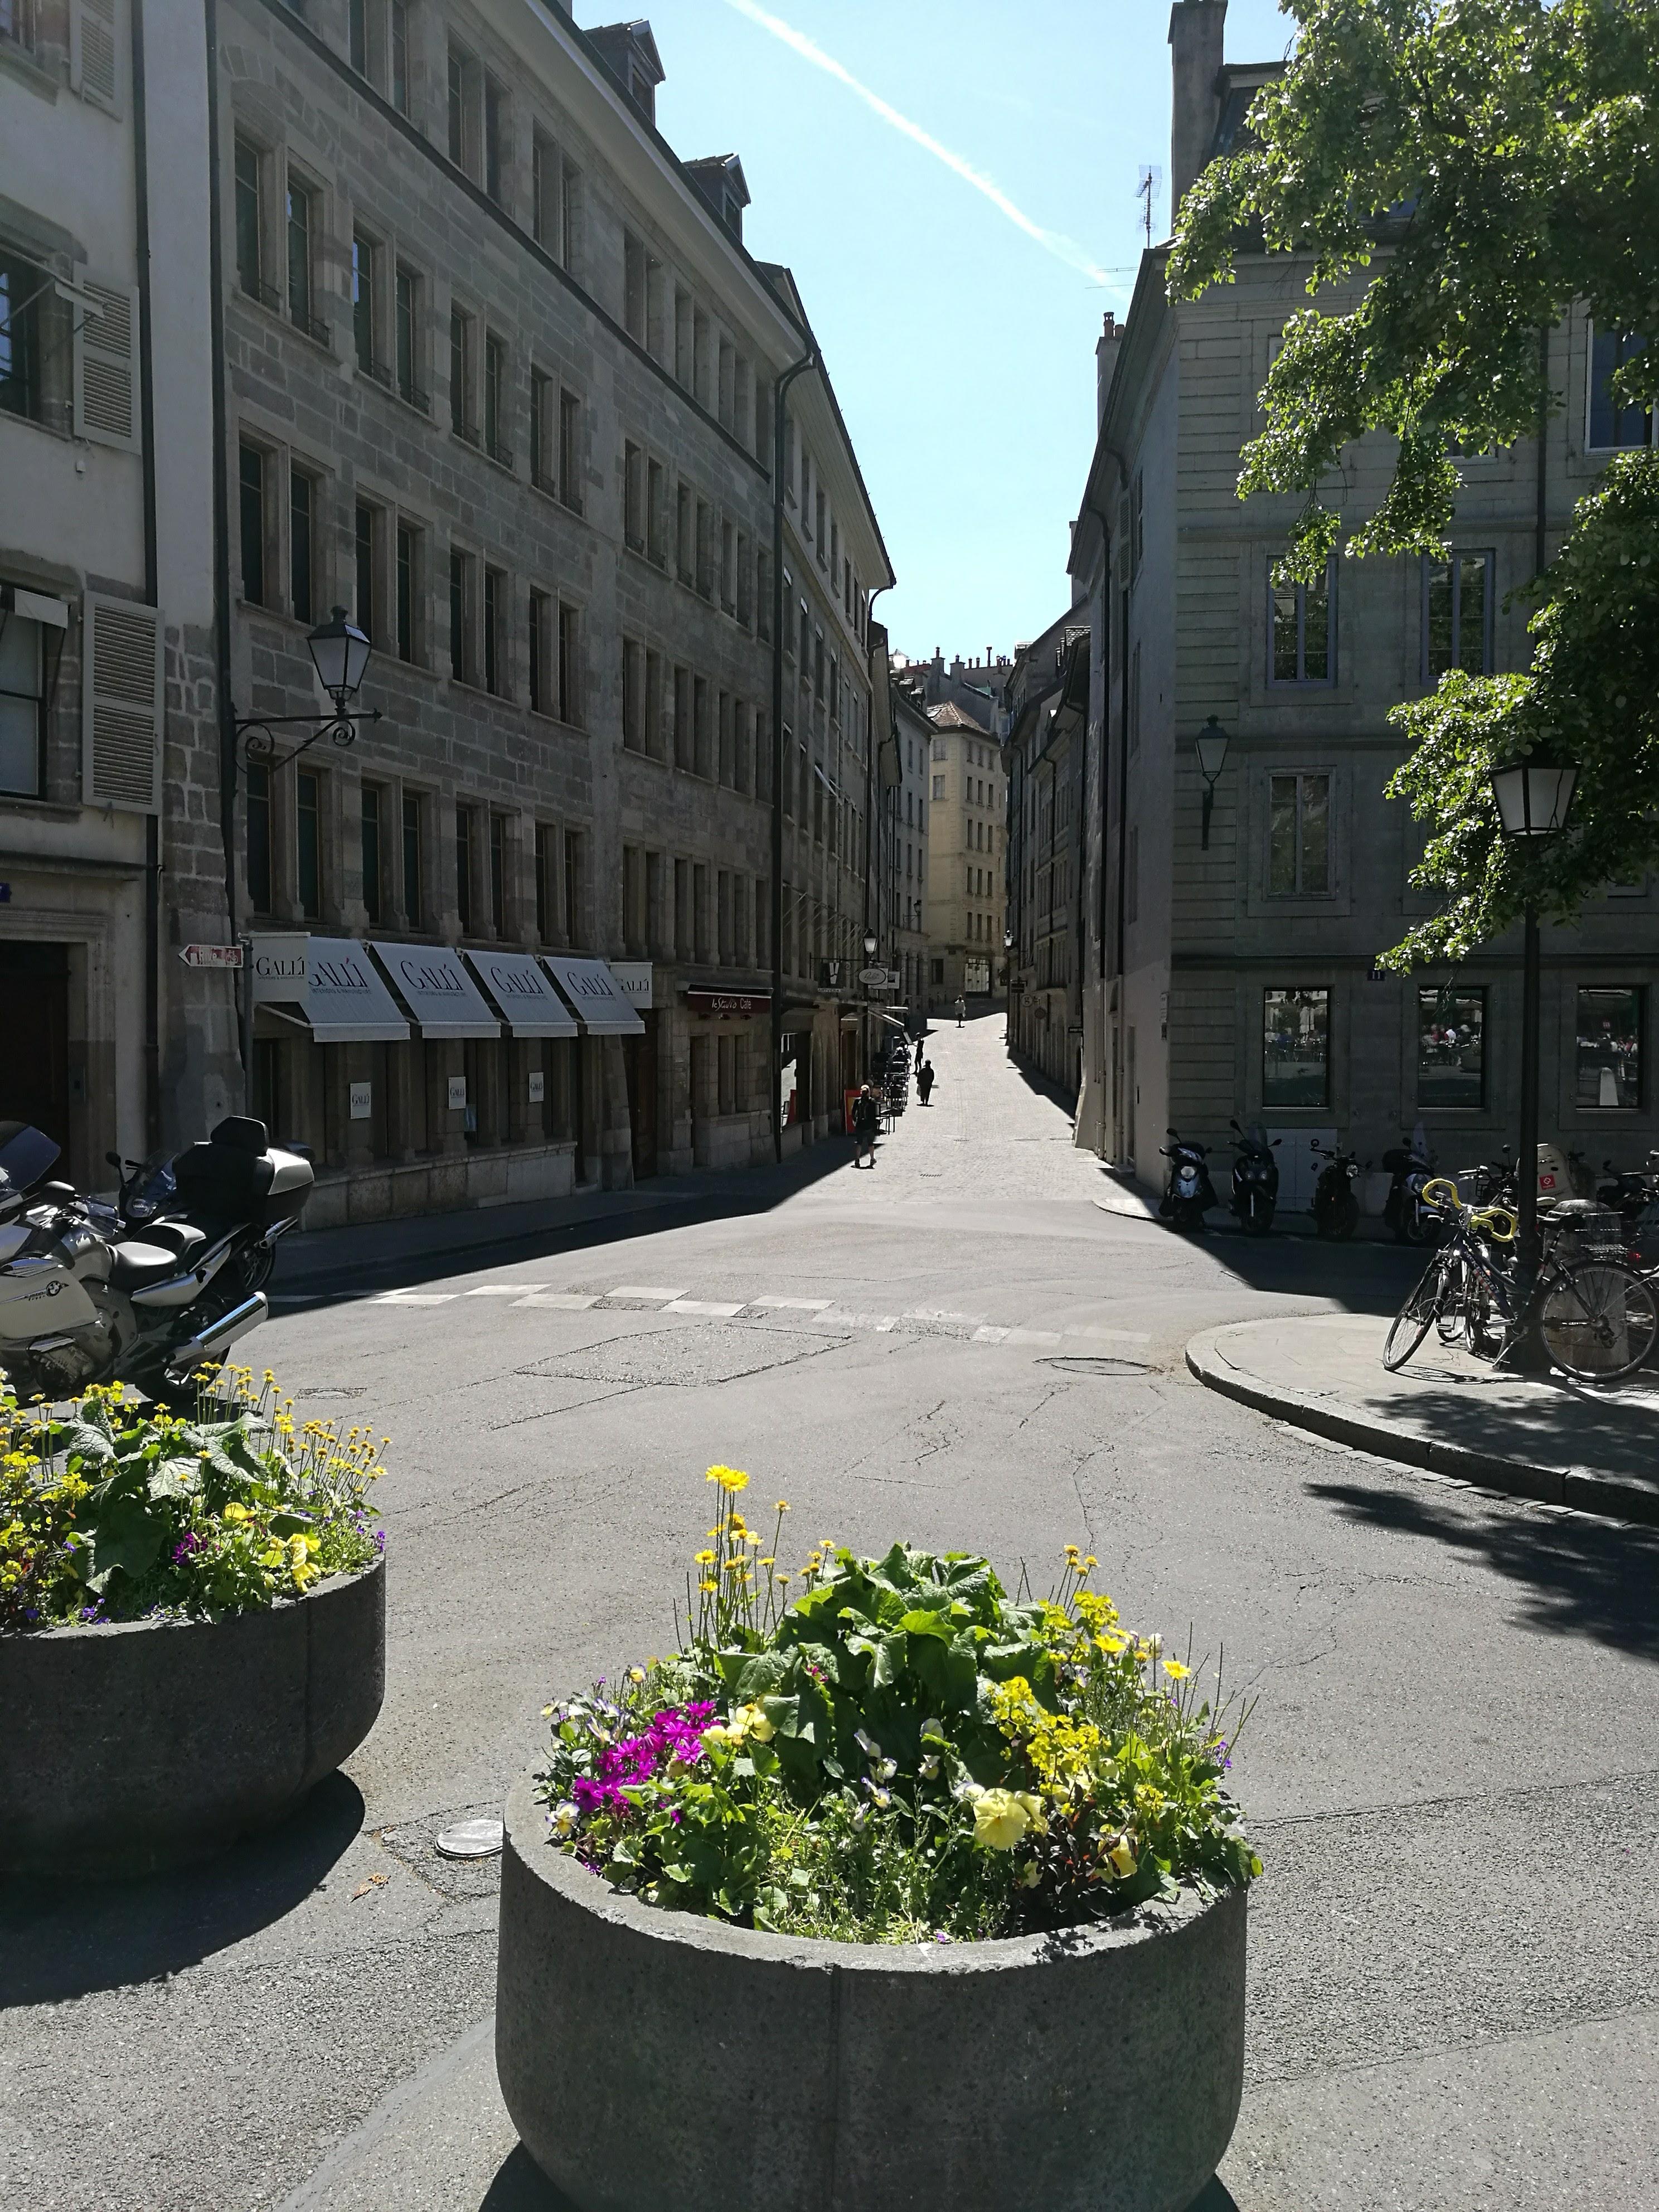 Streets in Geneva